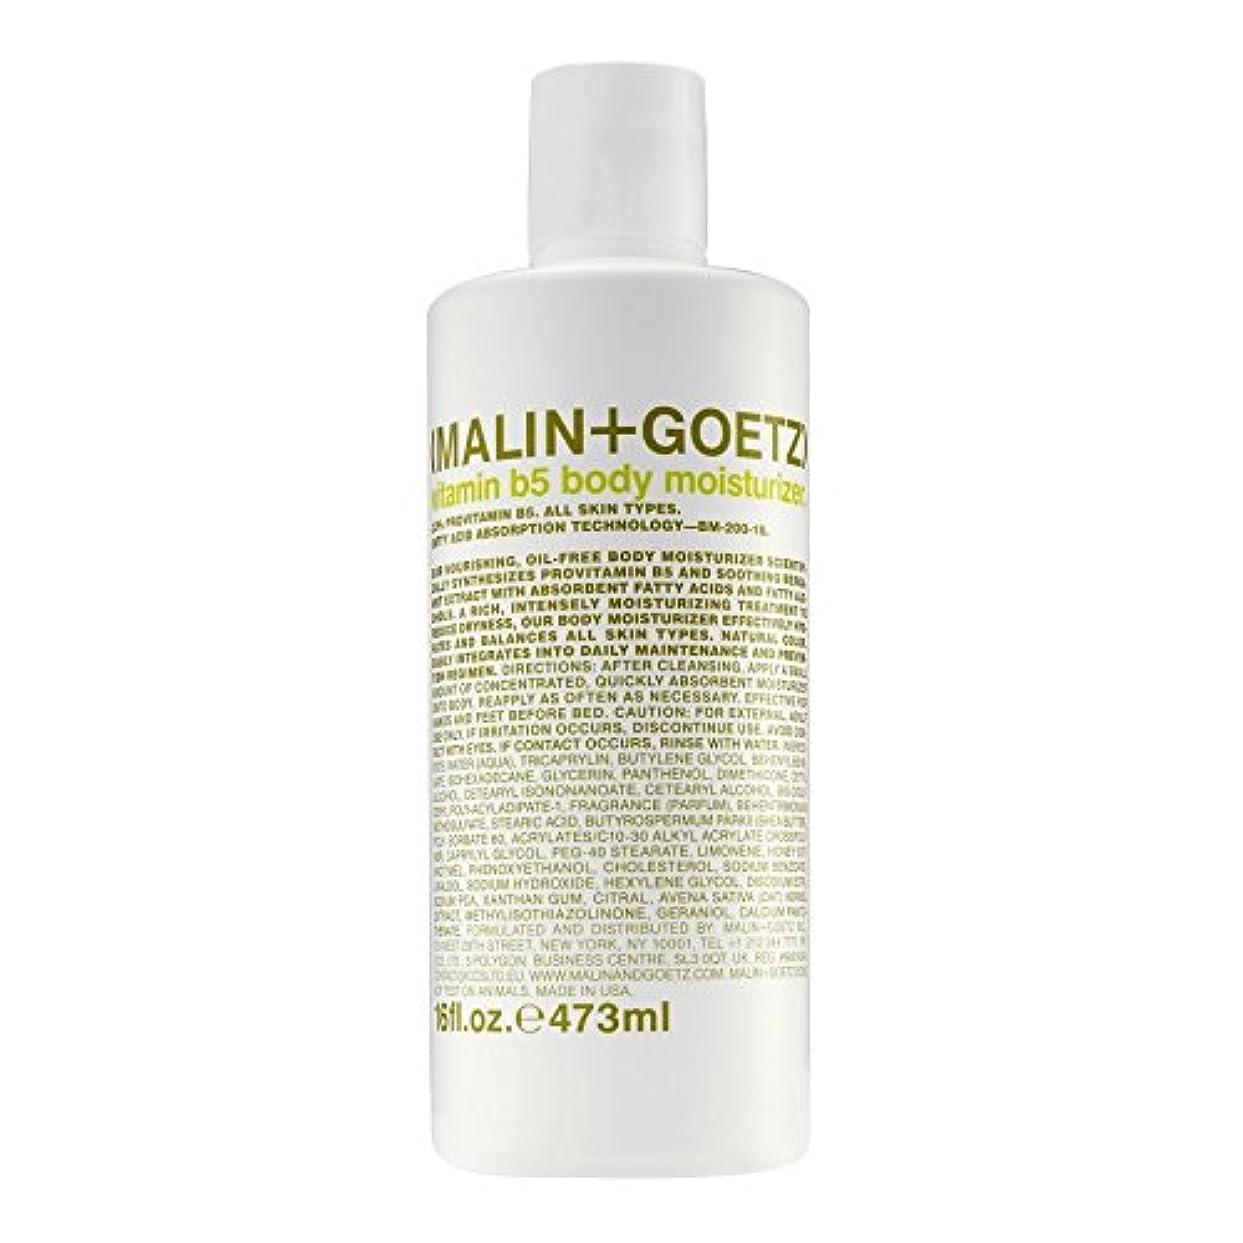 ひらめき葡萄余剰MALIN+GOETZ Vitamin B5 Body Moisturiser 473ml - マリン+ゲッツビタミン5ボディモイスチャライザーの473ミリリットル [並行輸入品]